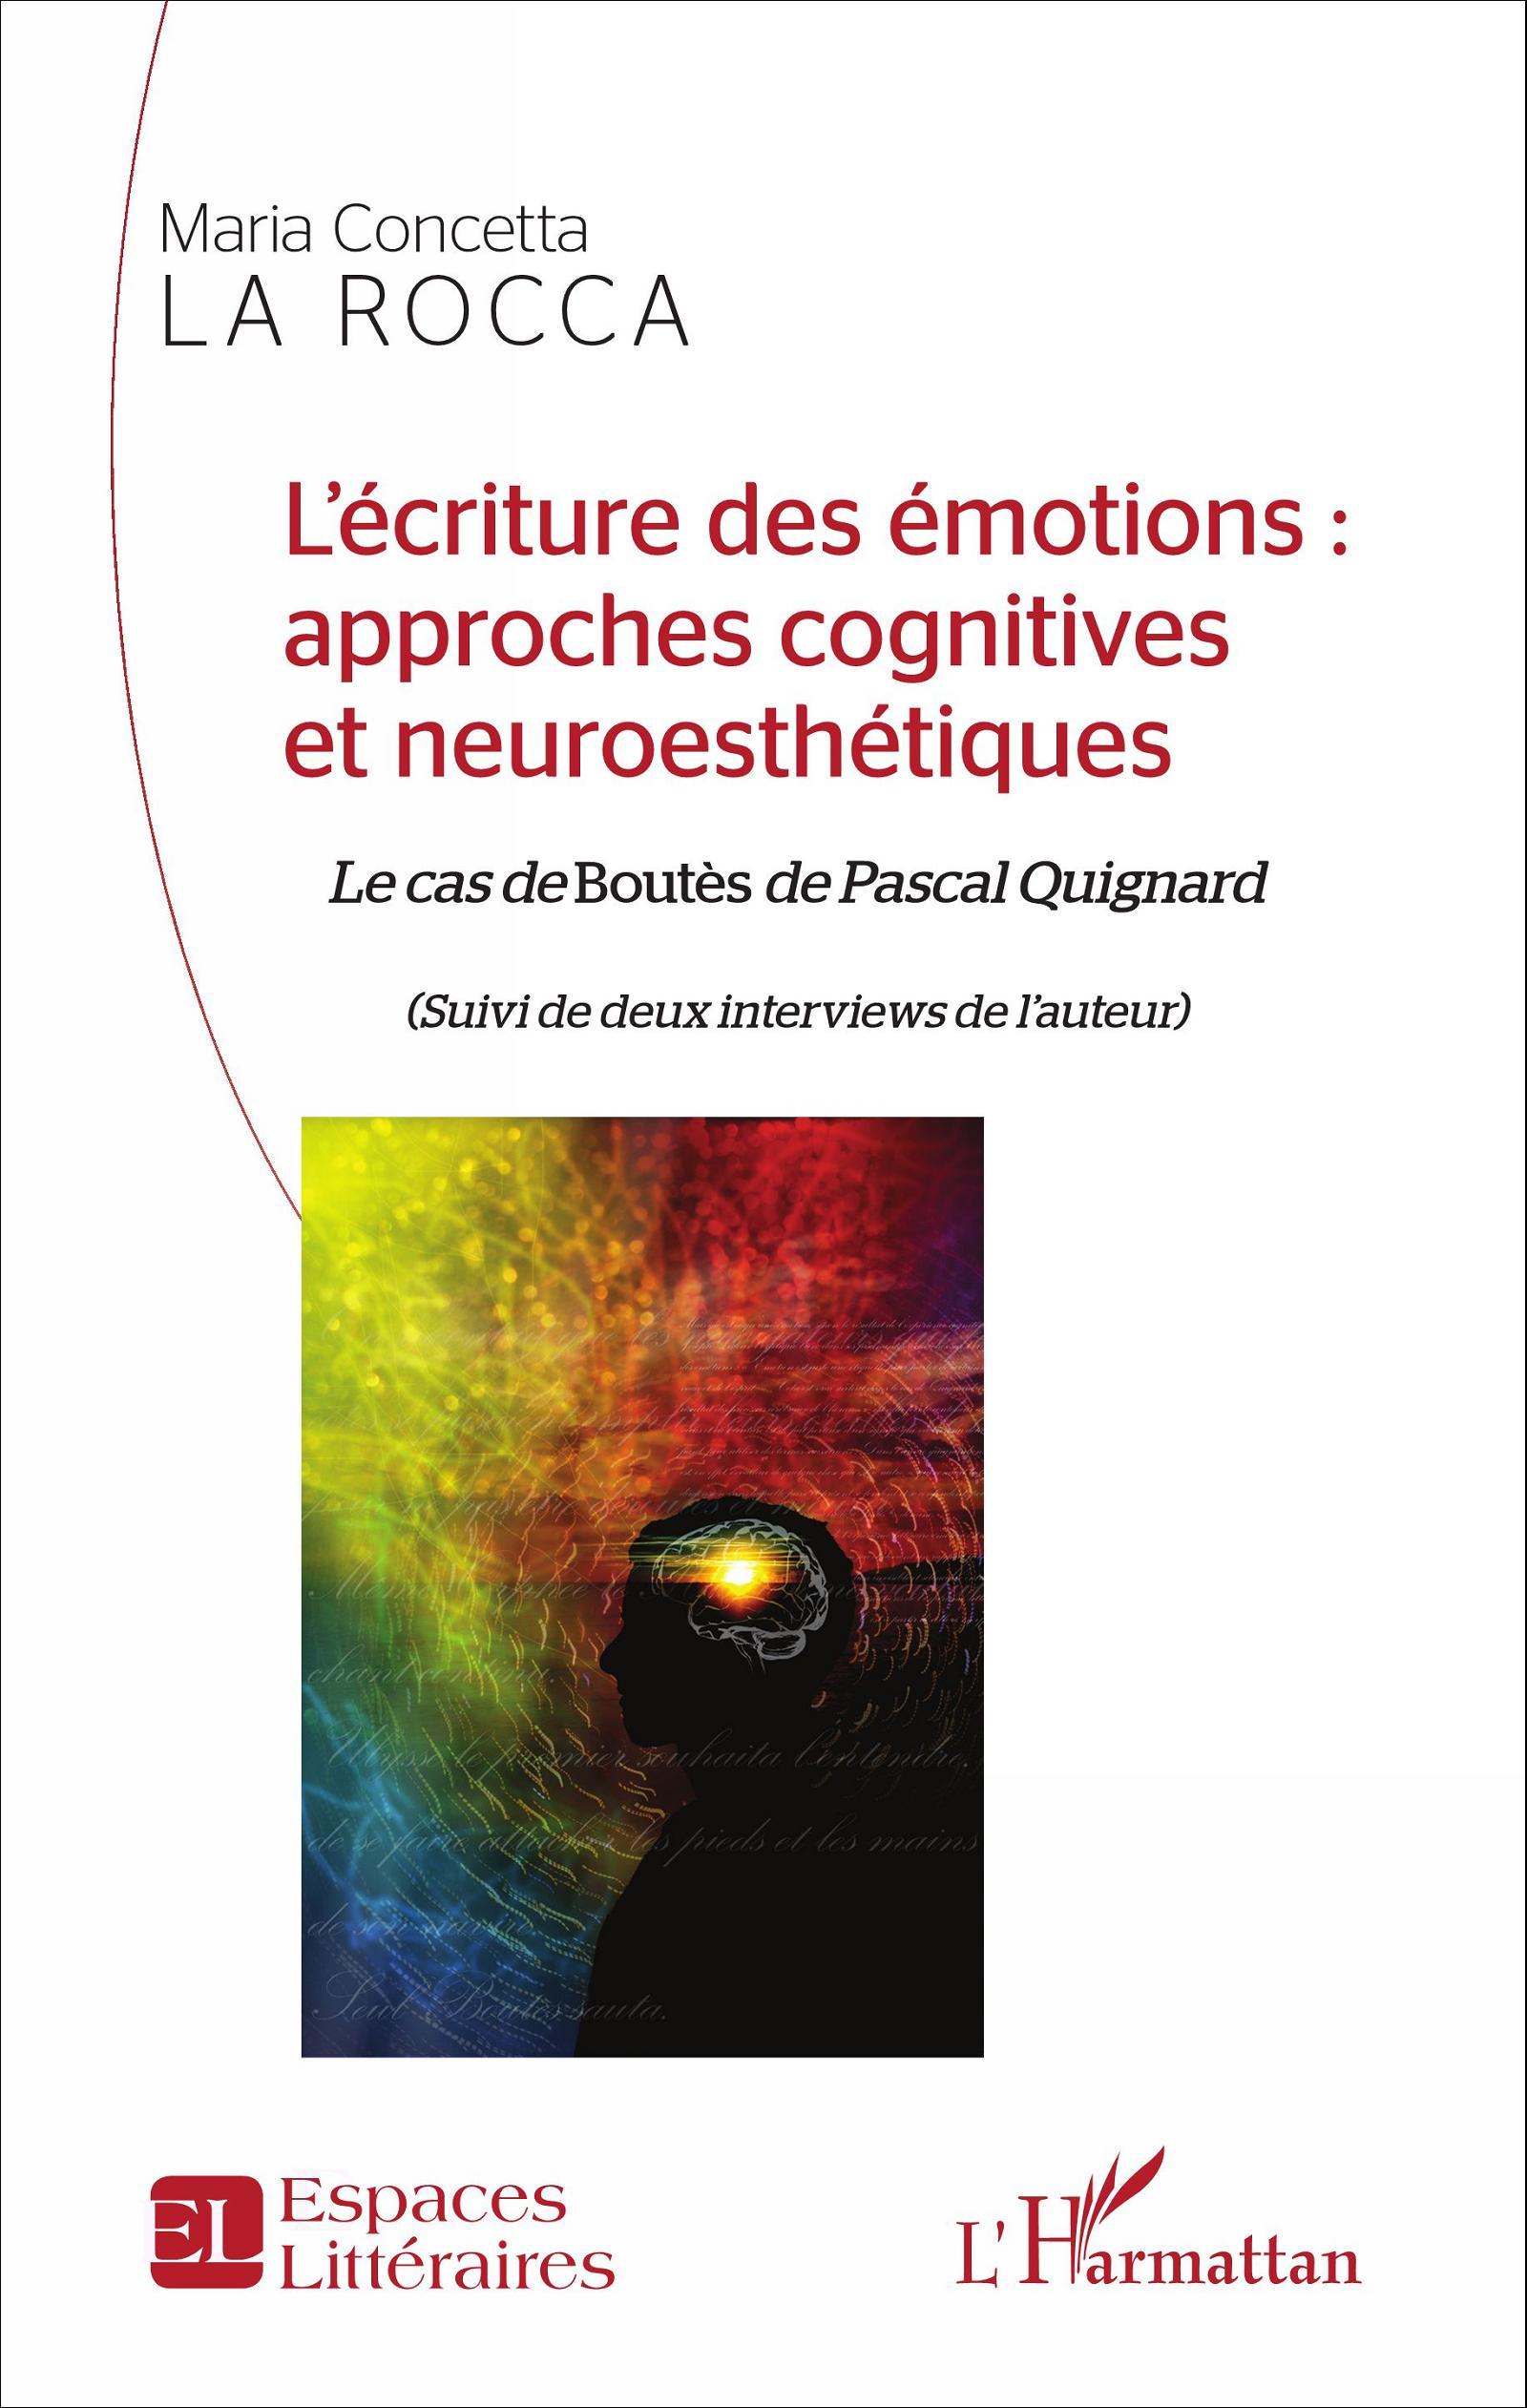 M.C. La Rocca, L'écriture des émotions: approches cognitives et neuro-esthétiques. Le cas de Boutès de Pascal Quignard